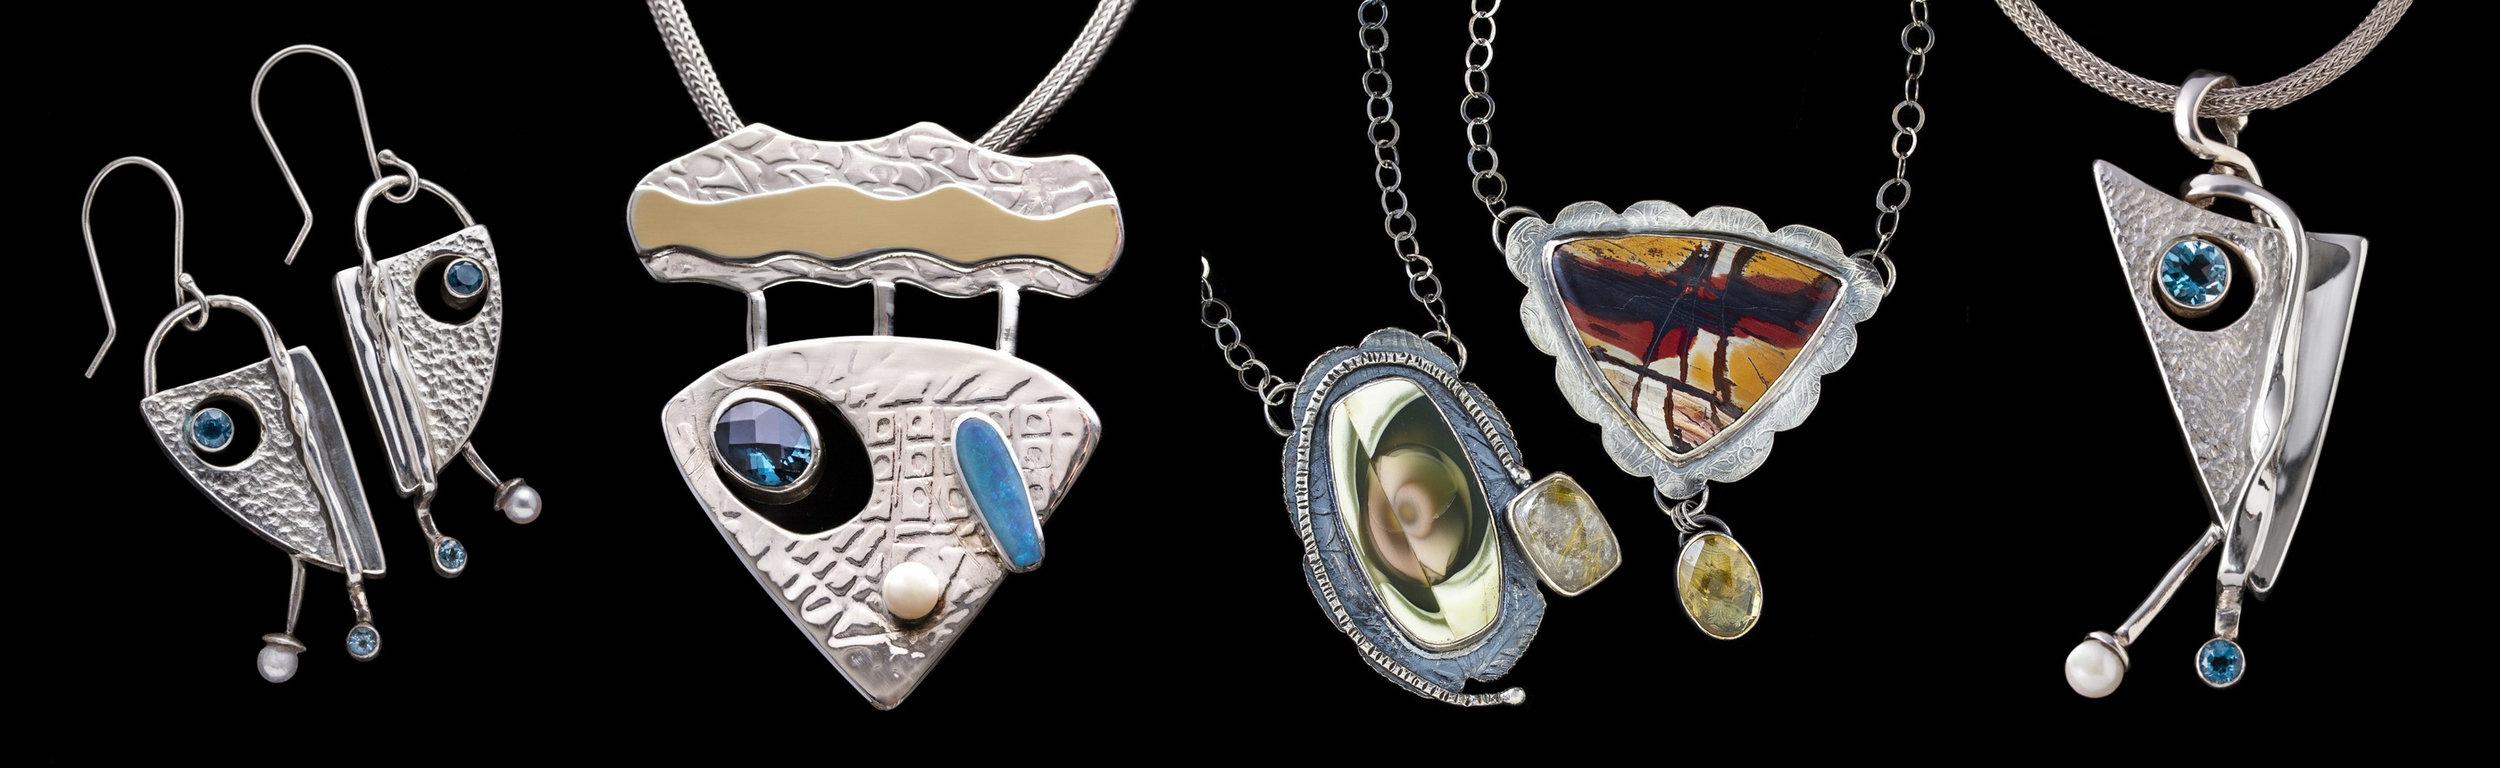 Fine Art Siver & Gold Jewelry, Sylvia McCollum, Asheville, NC